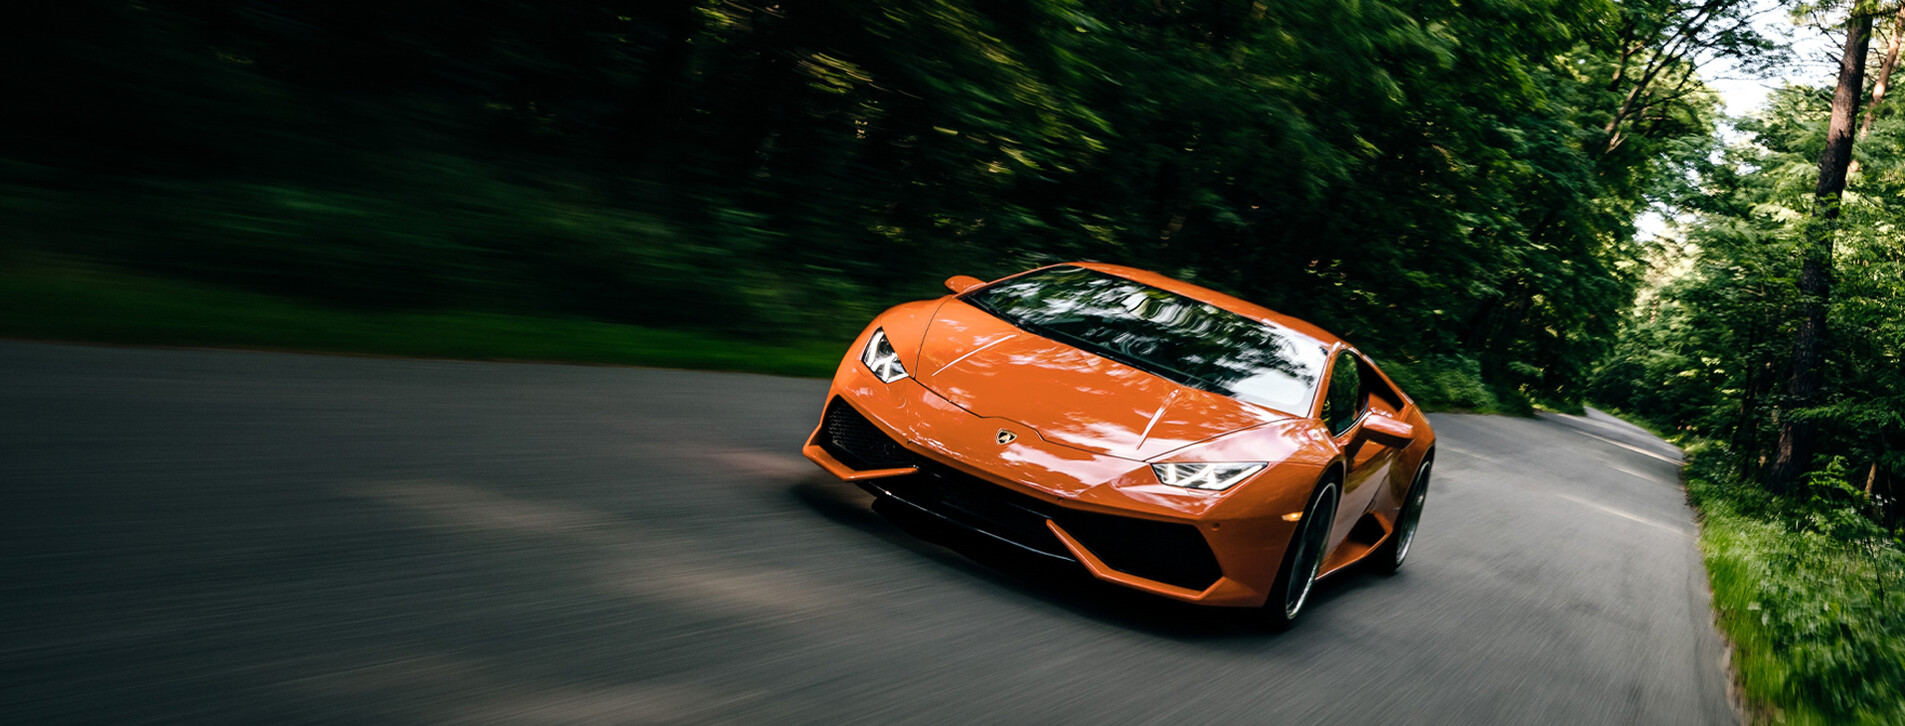 Фото - Тест-драйв суперкара Lamborghini